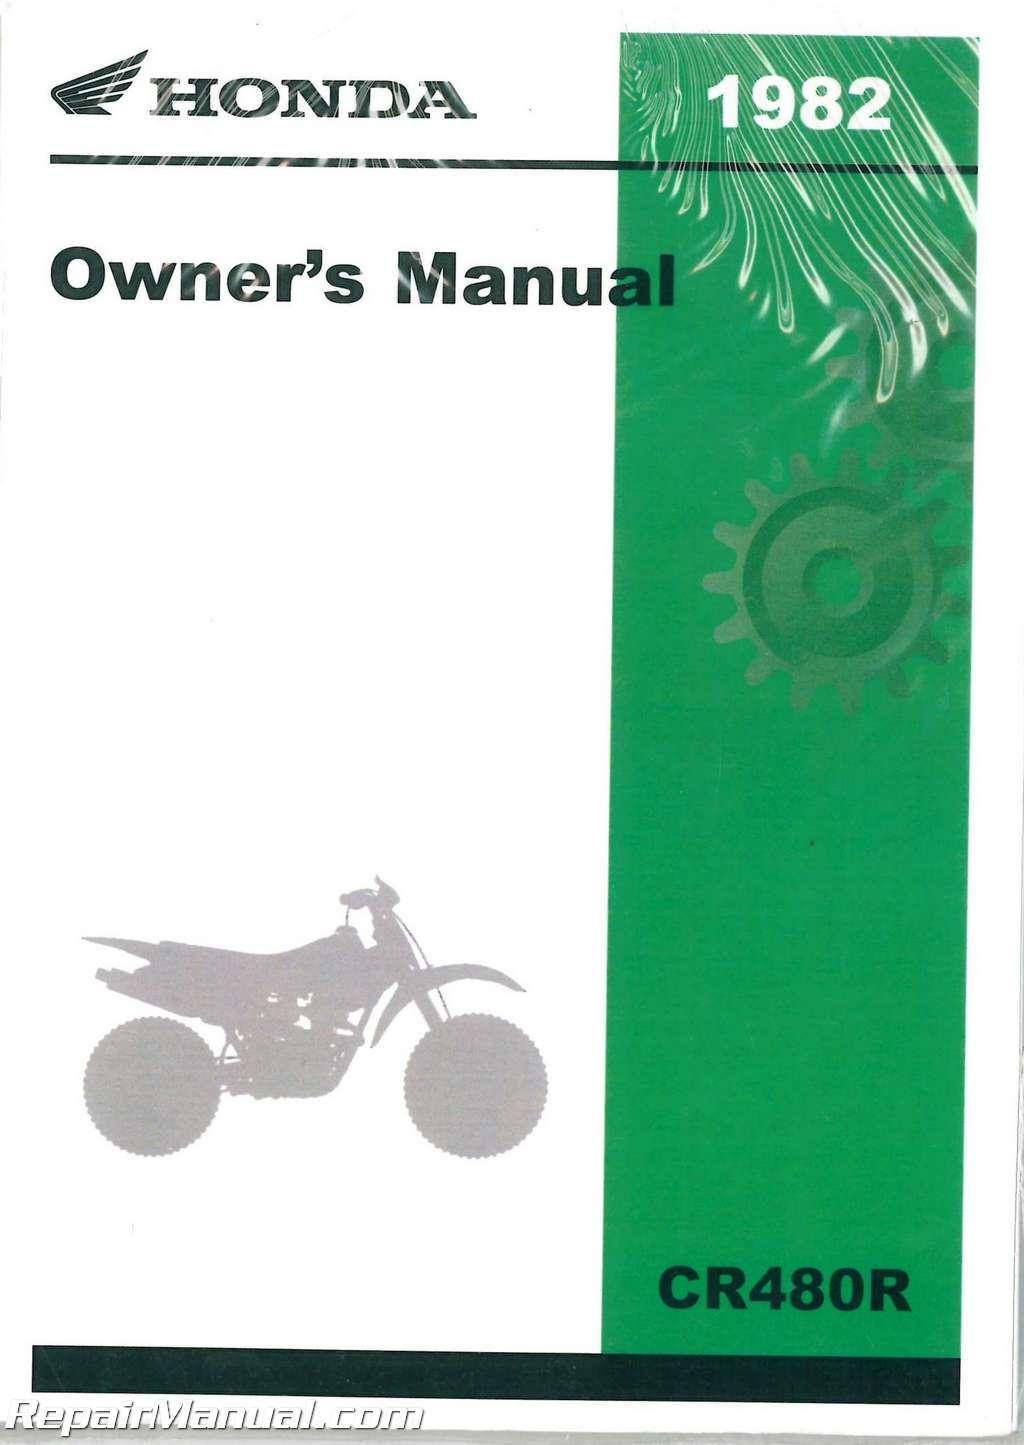 Honda Owners Manual >> Free 1982 Honda Owners Manual Xrm 125 Fi Specs